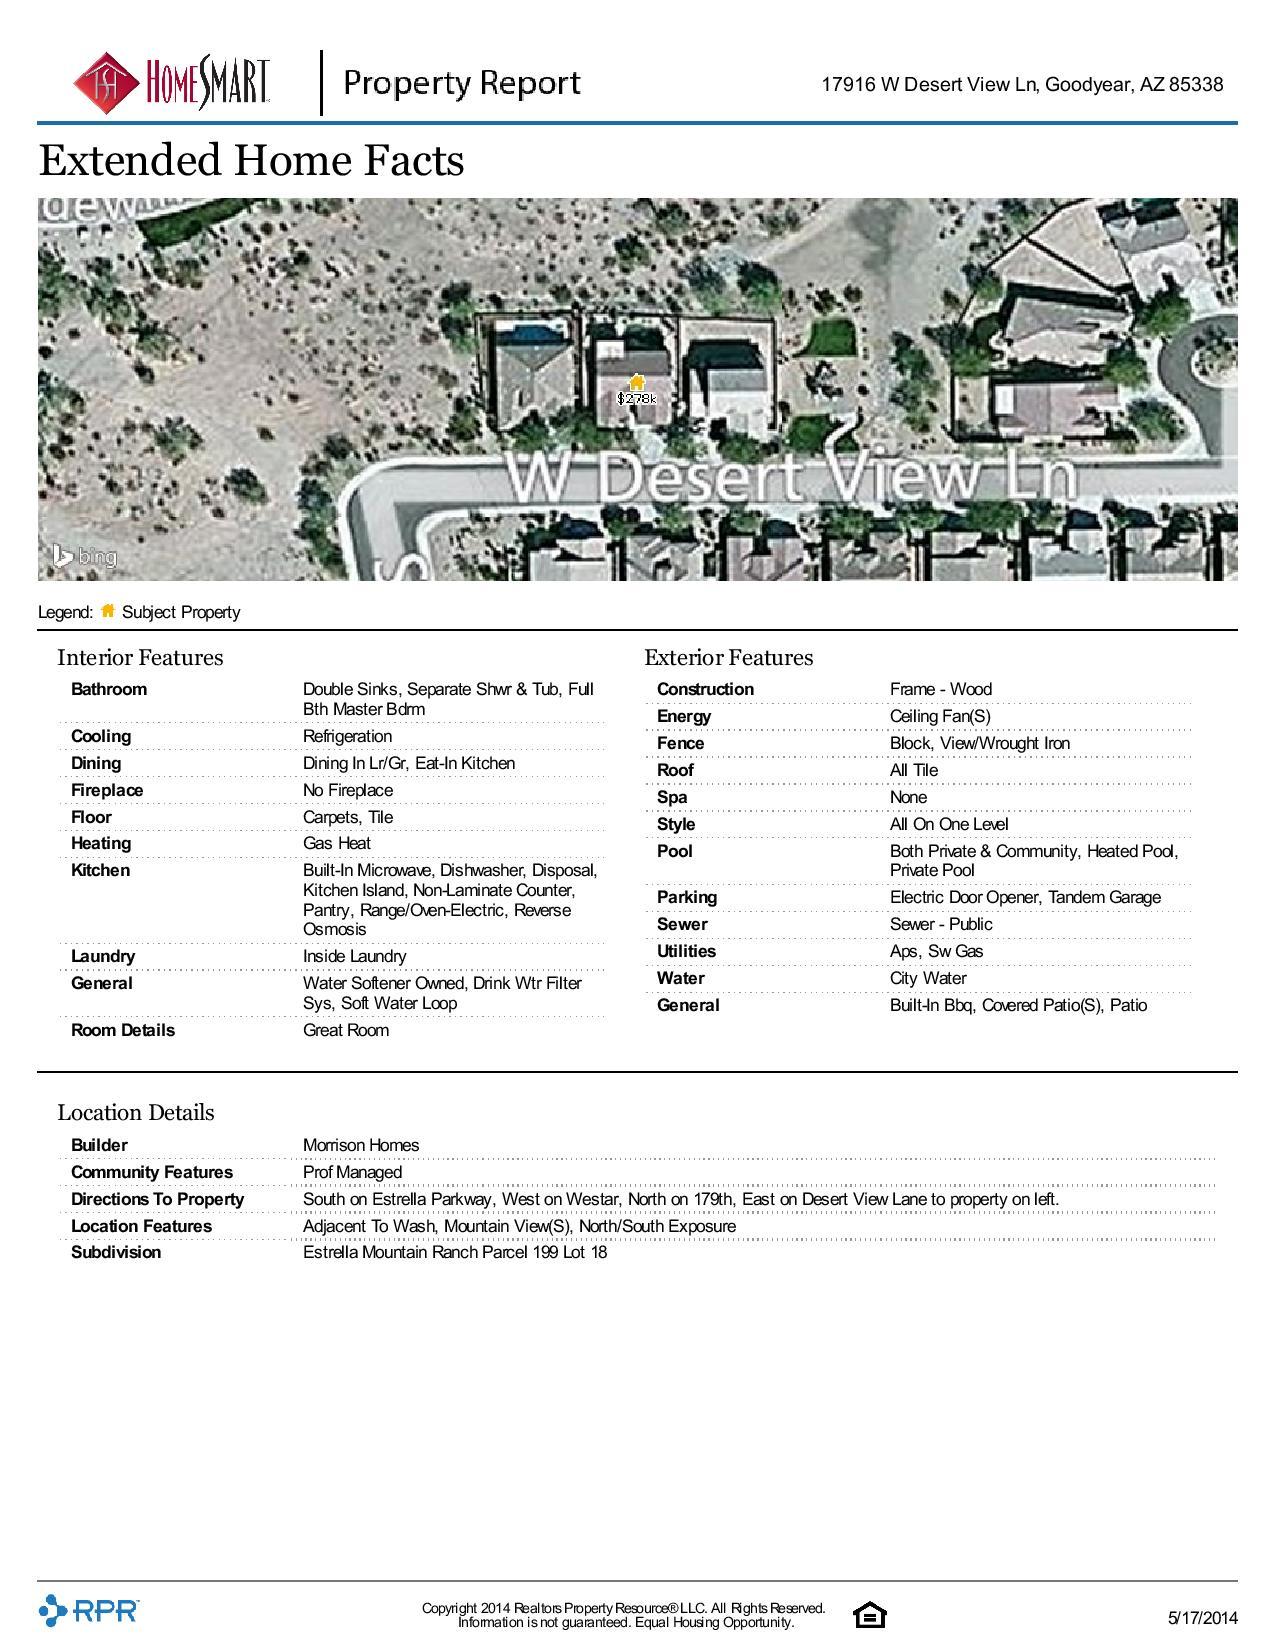 17916-W-Desert-View-Ln-Goodyear-AZ-85338-page-004